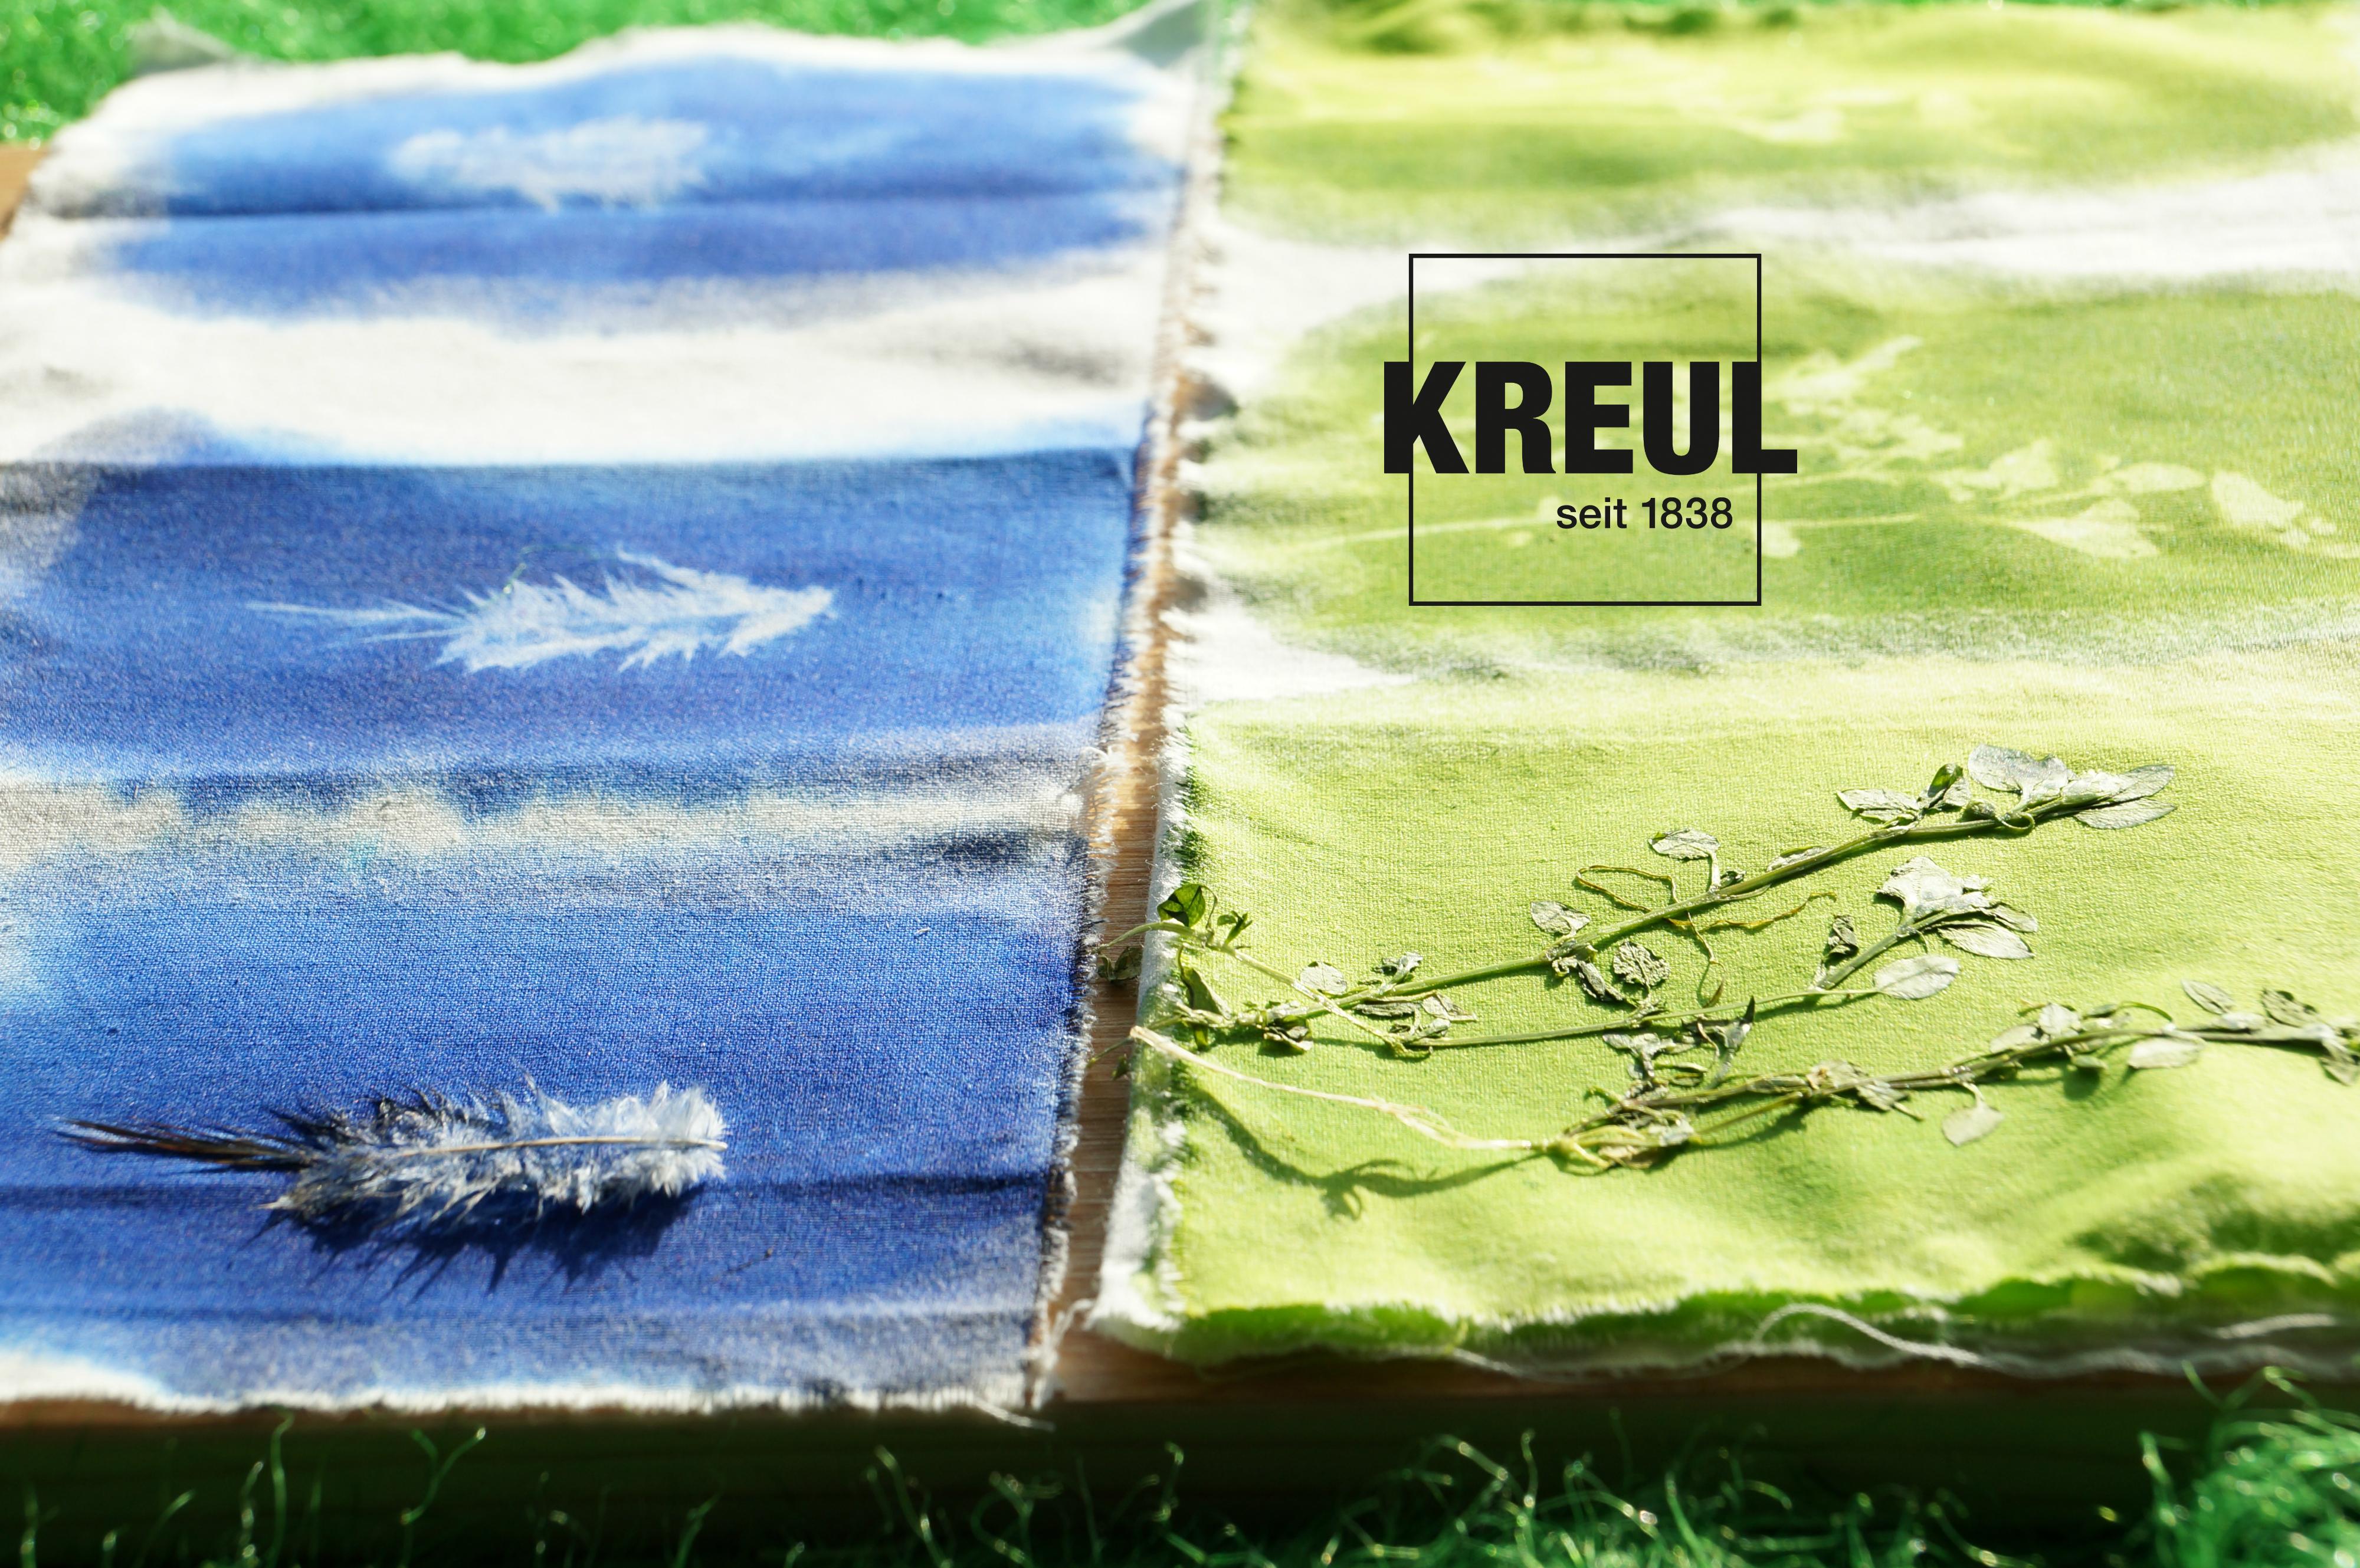 Představujeme novou značku v naší kreativní nabídce - C. Kreul